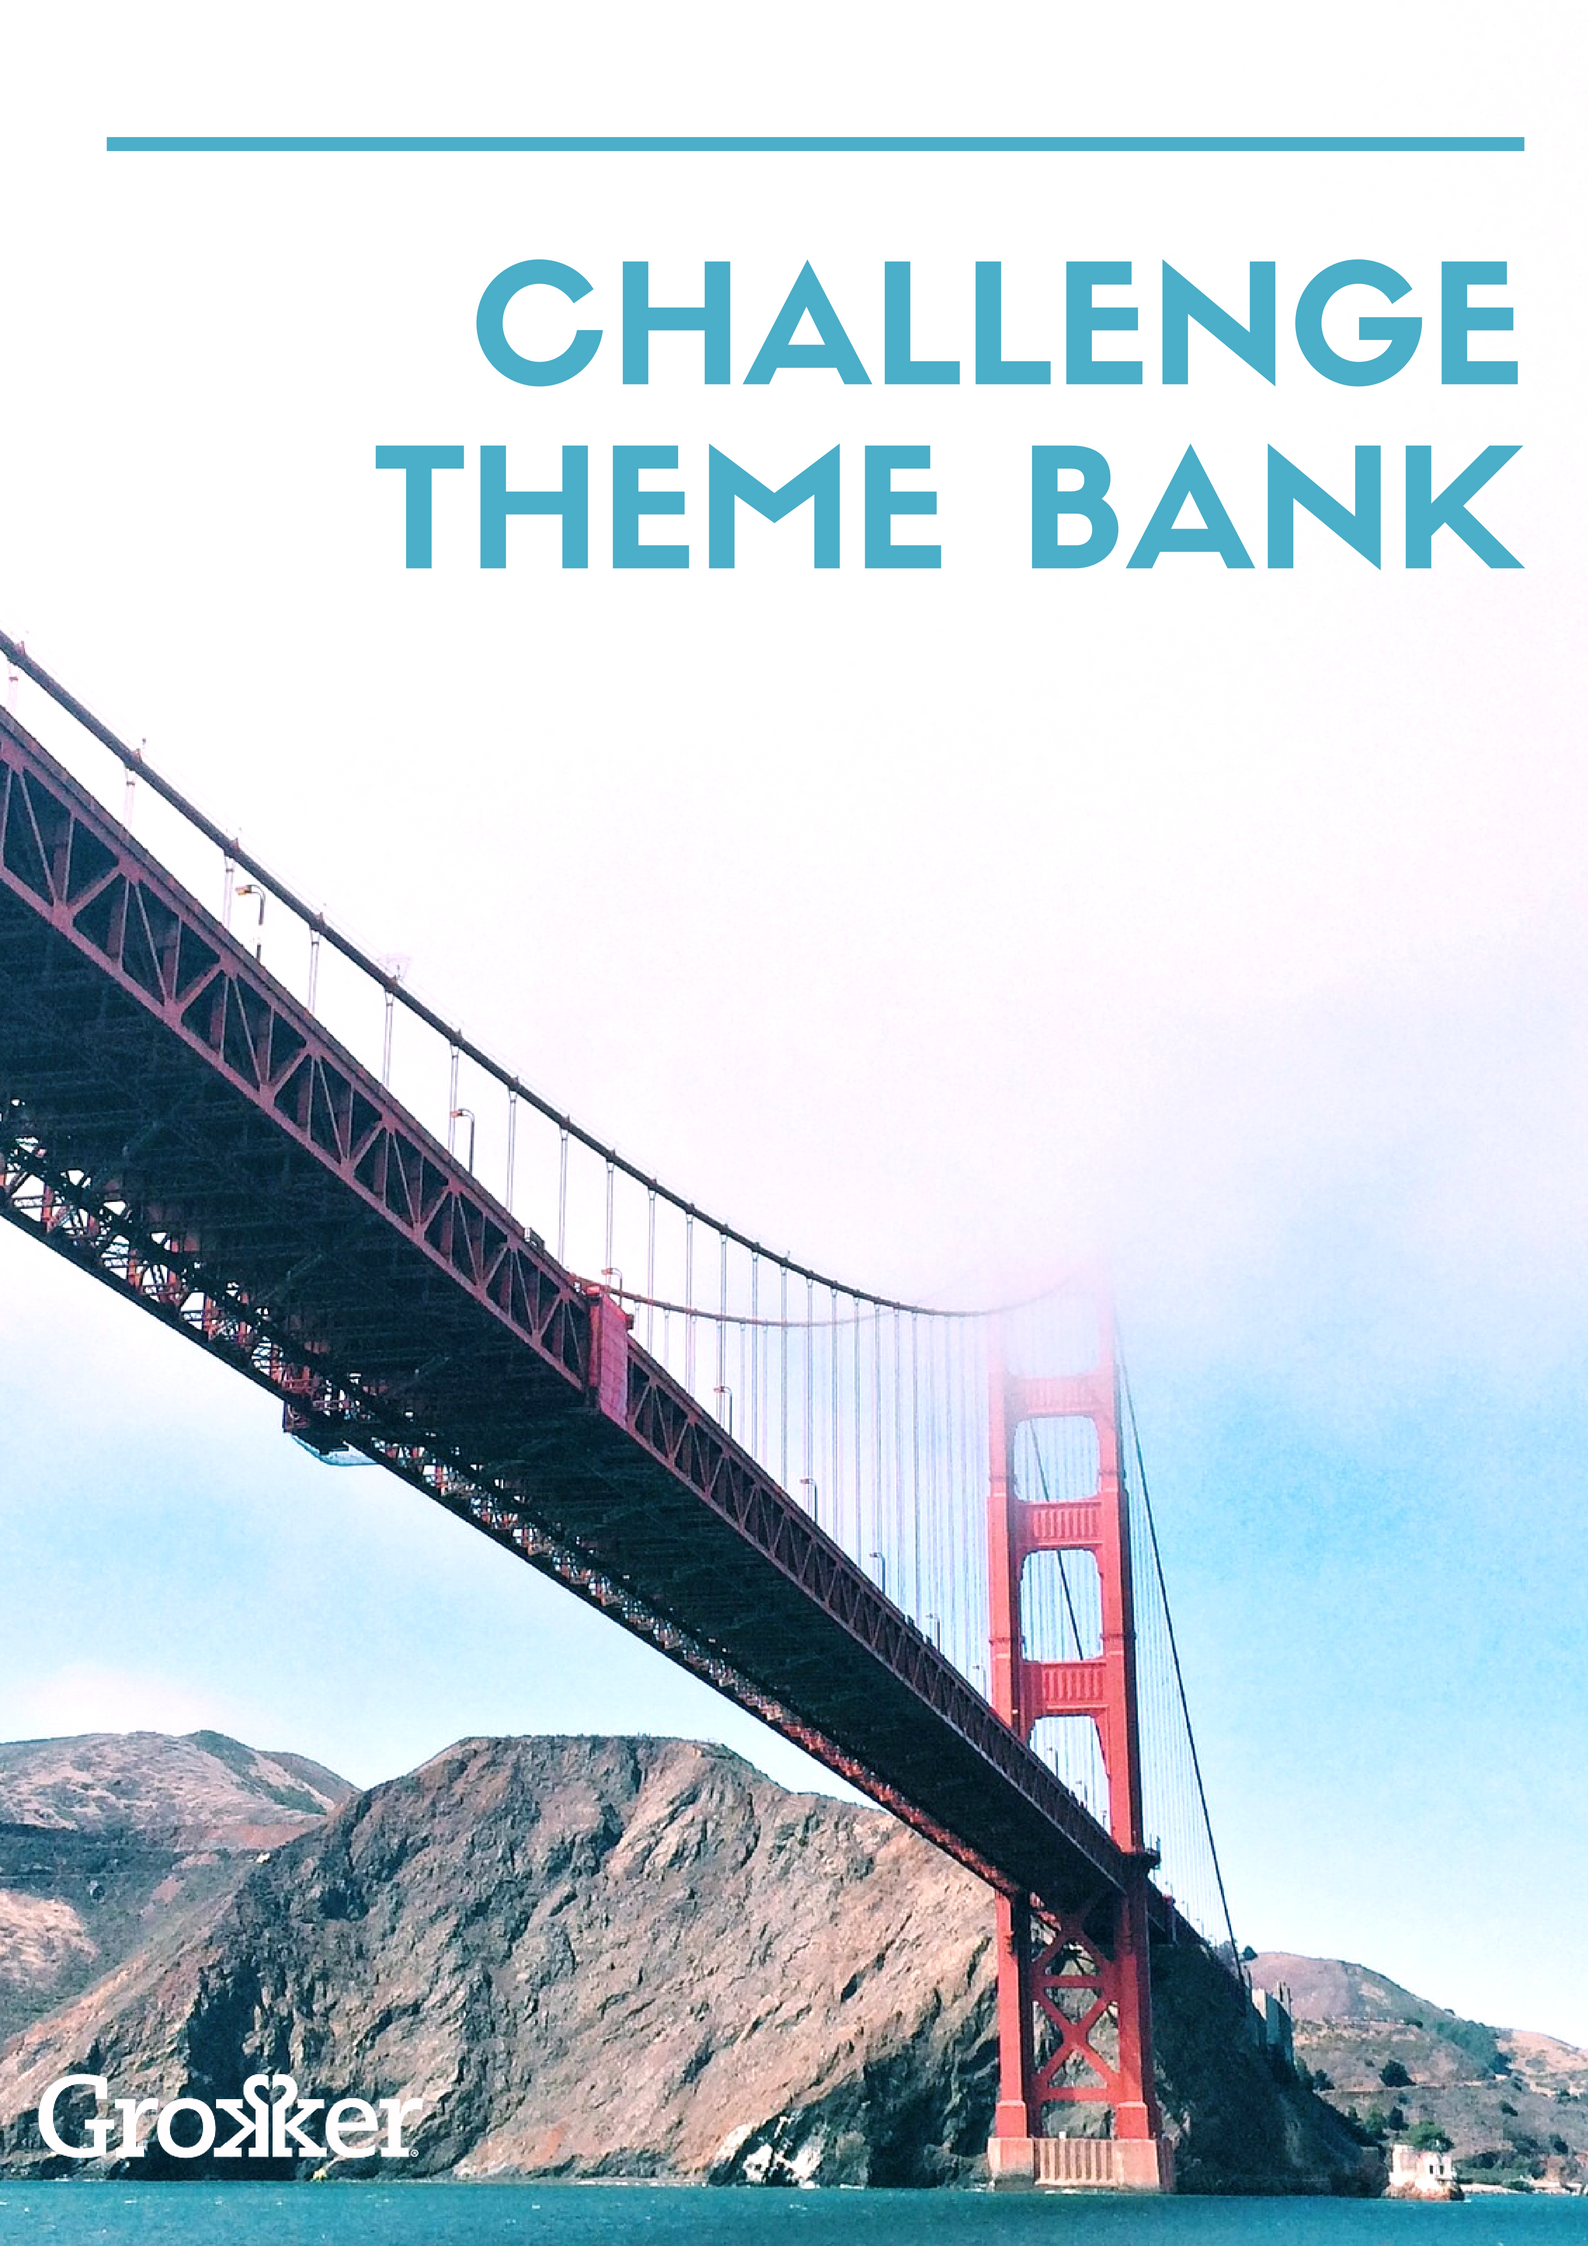 challenge theme bank.png